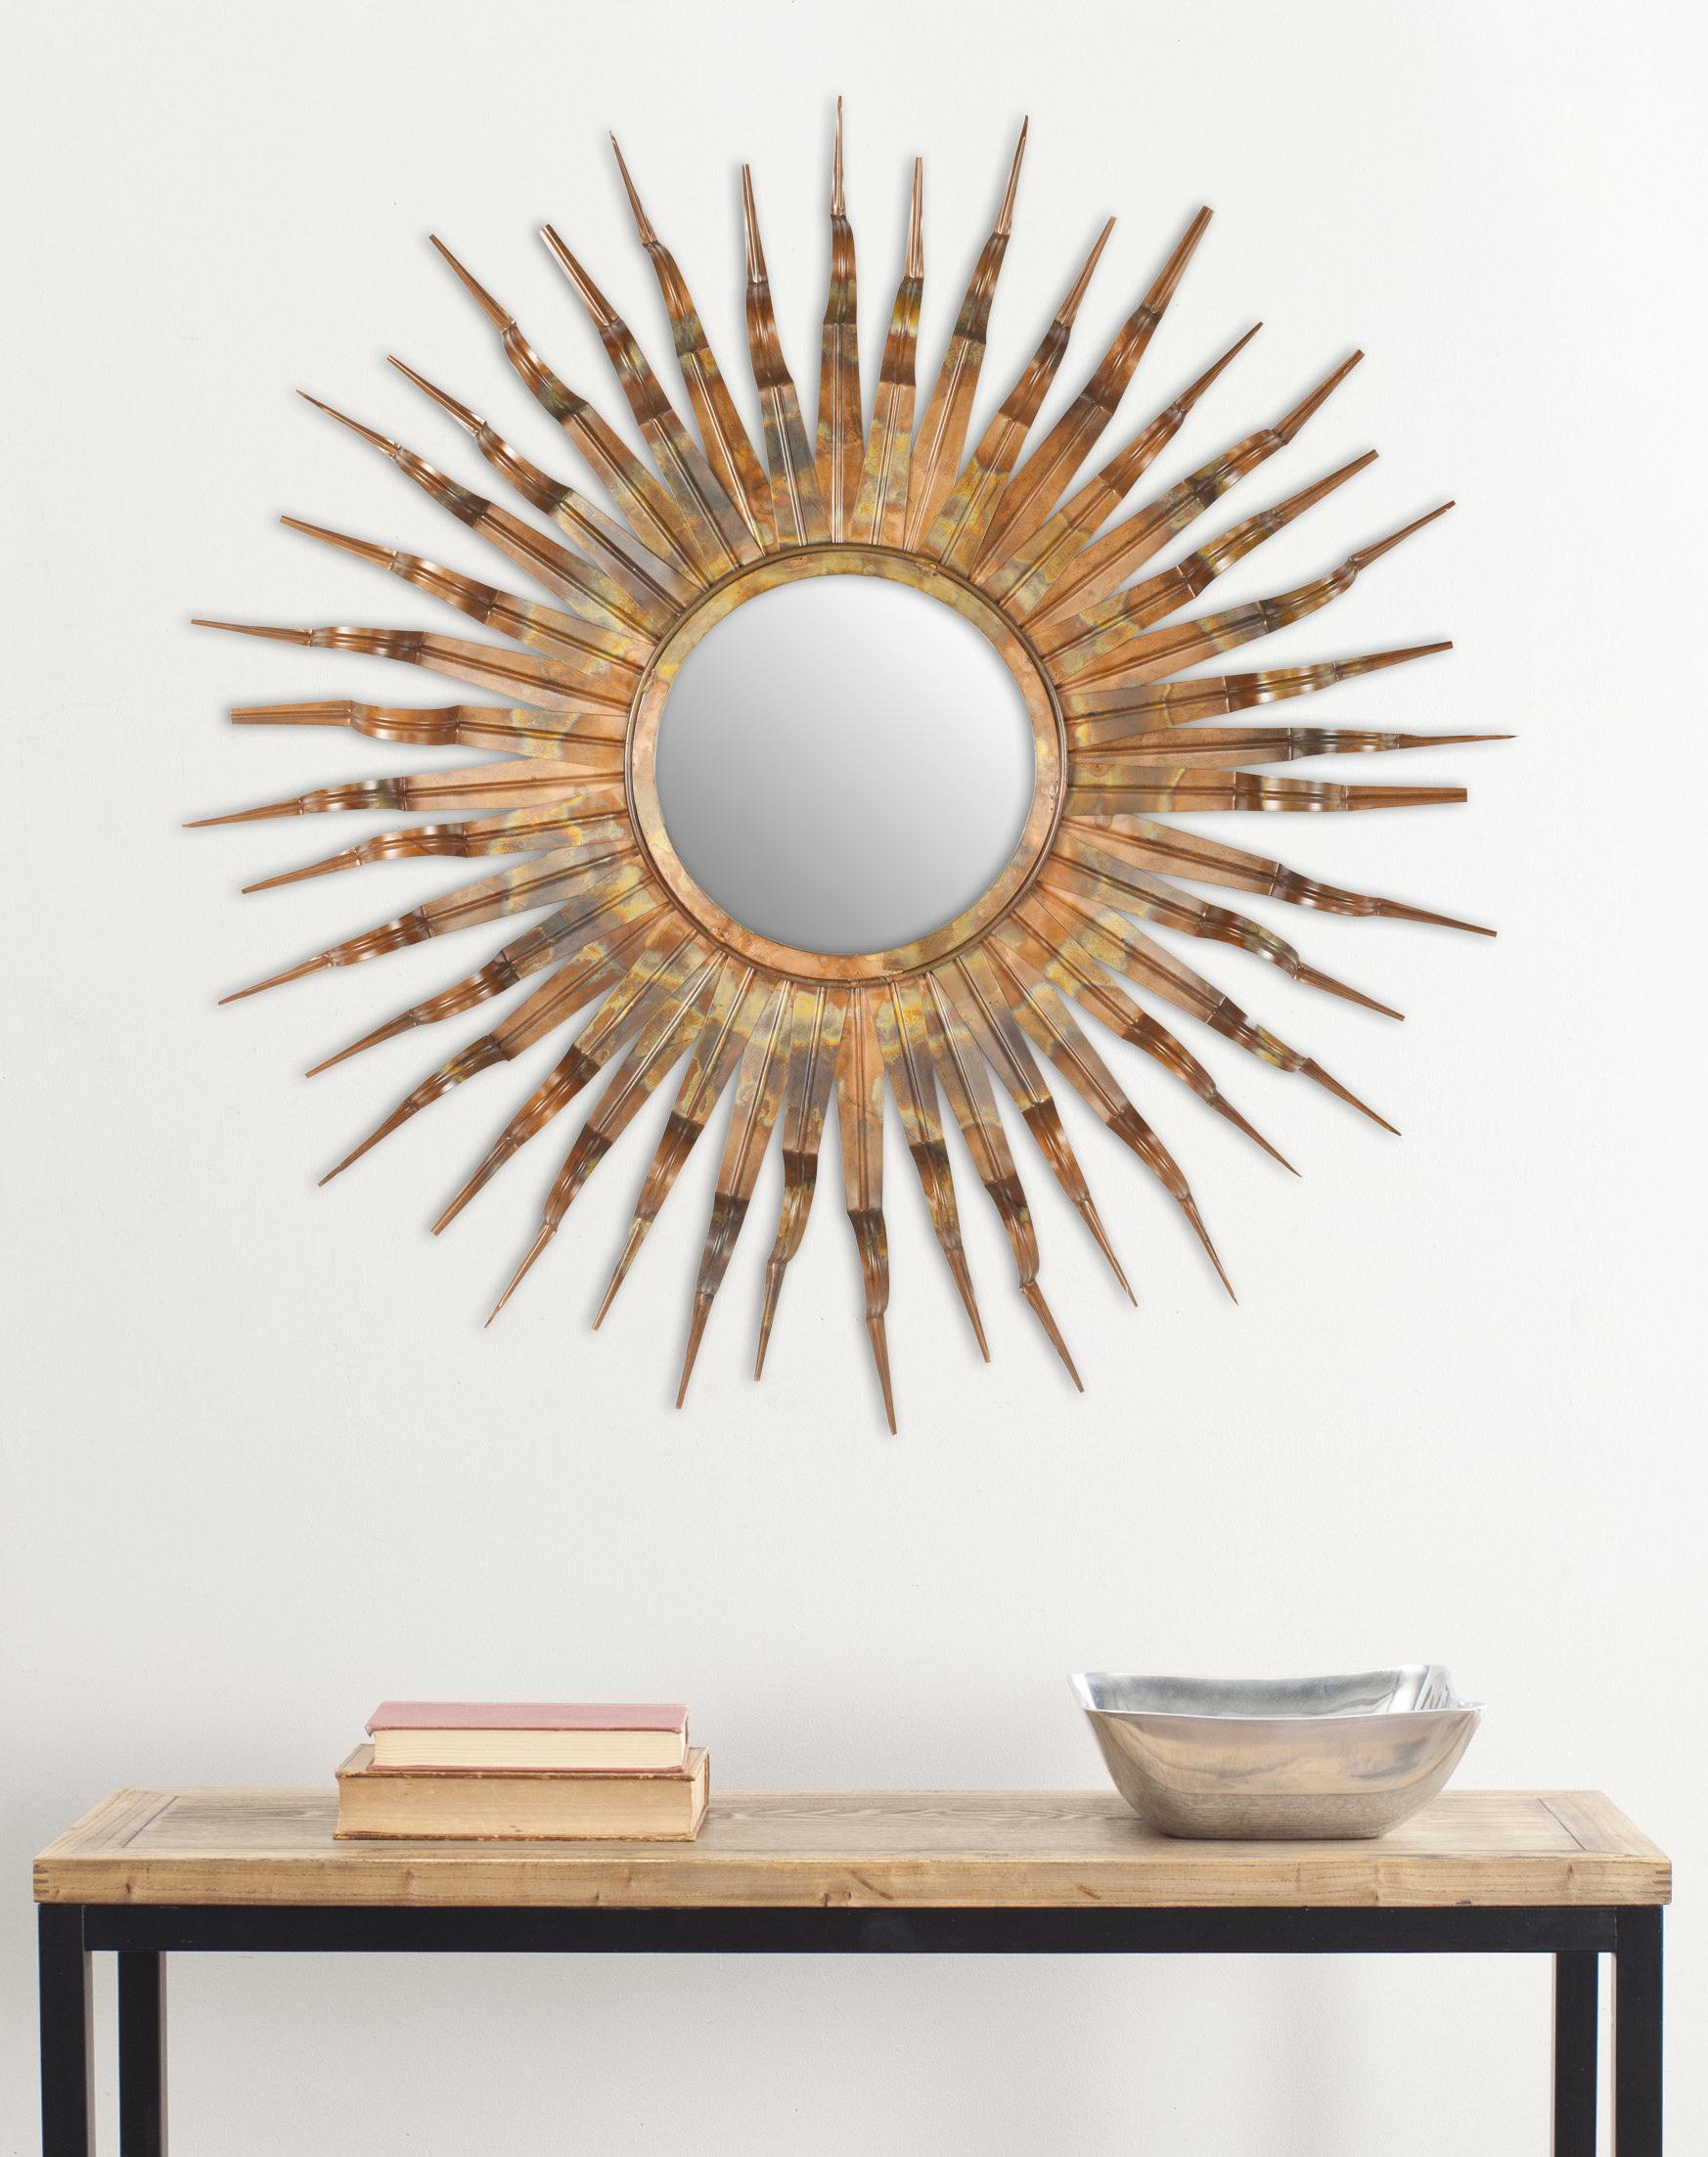 Birksgate Accent Mirror Inside Well Known Birksgate Sunburst Accent Mirrors (View 7 of 20)